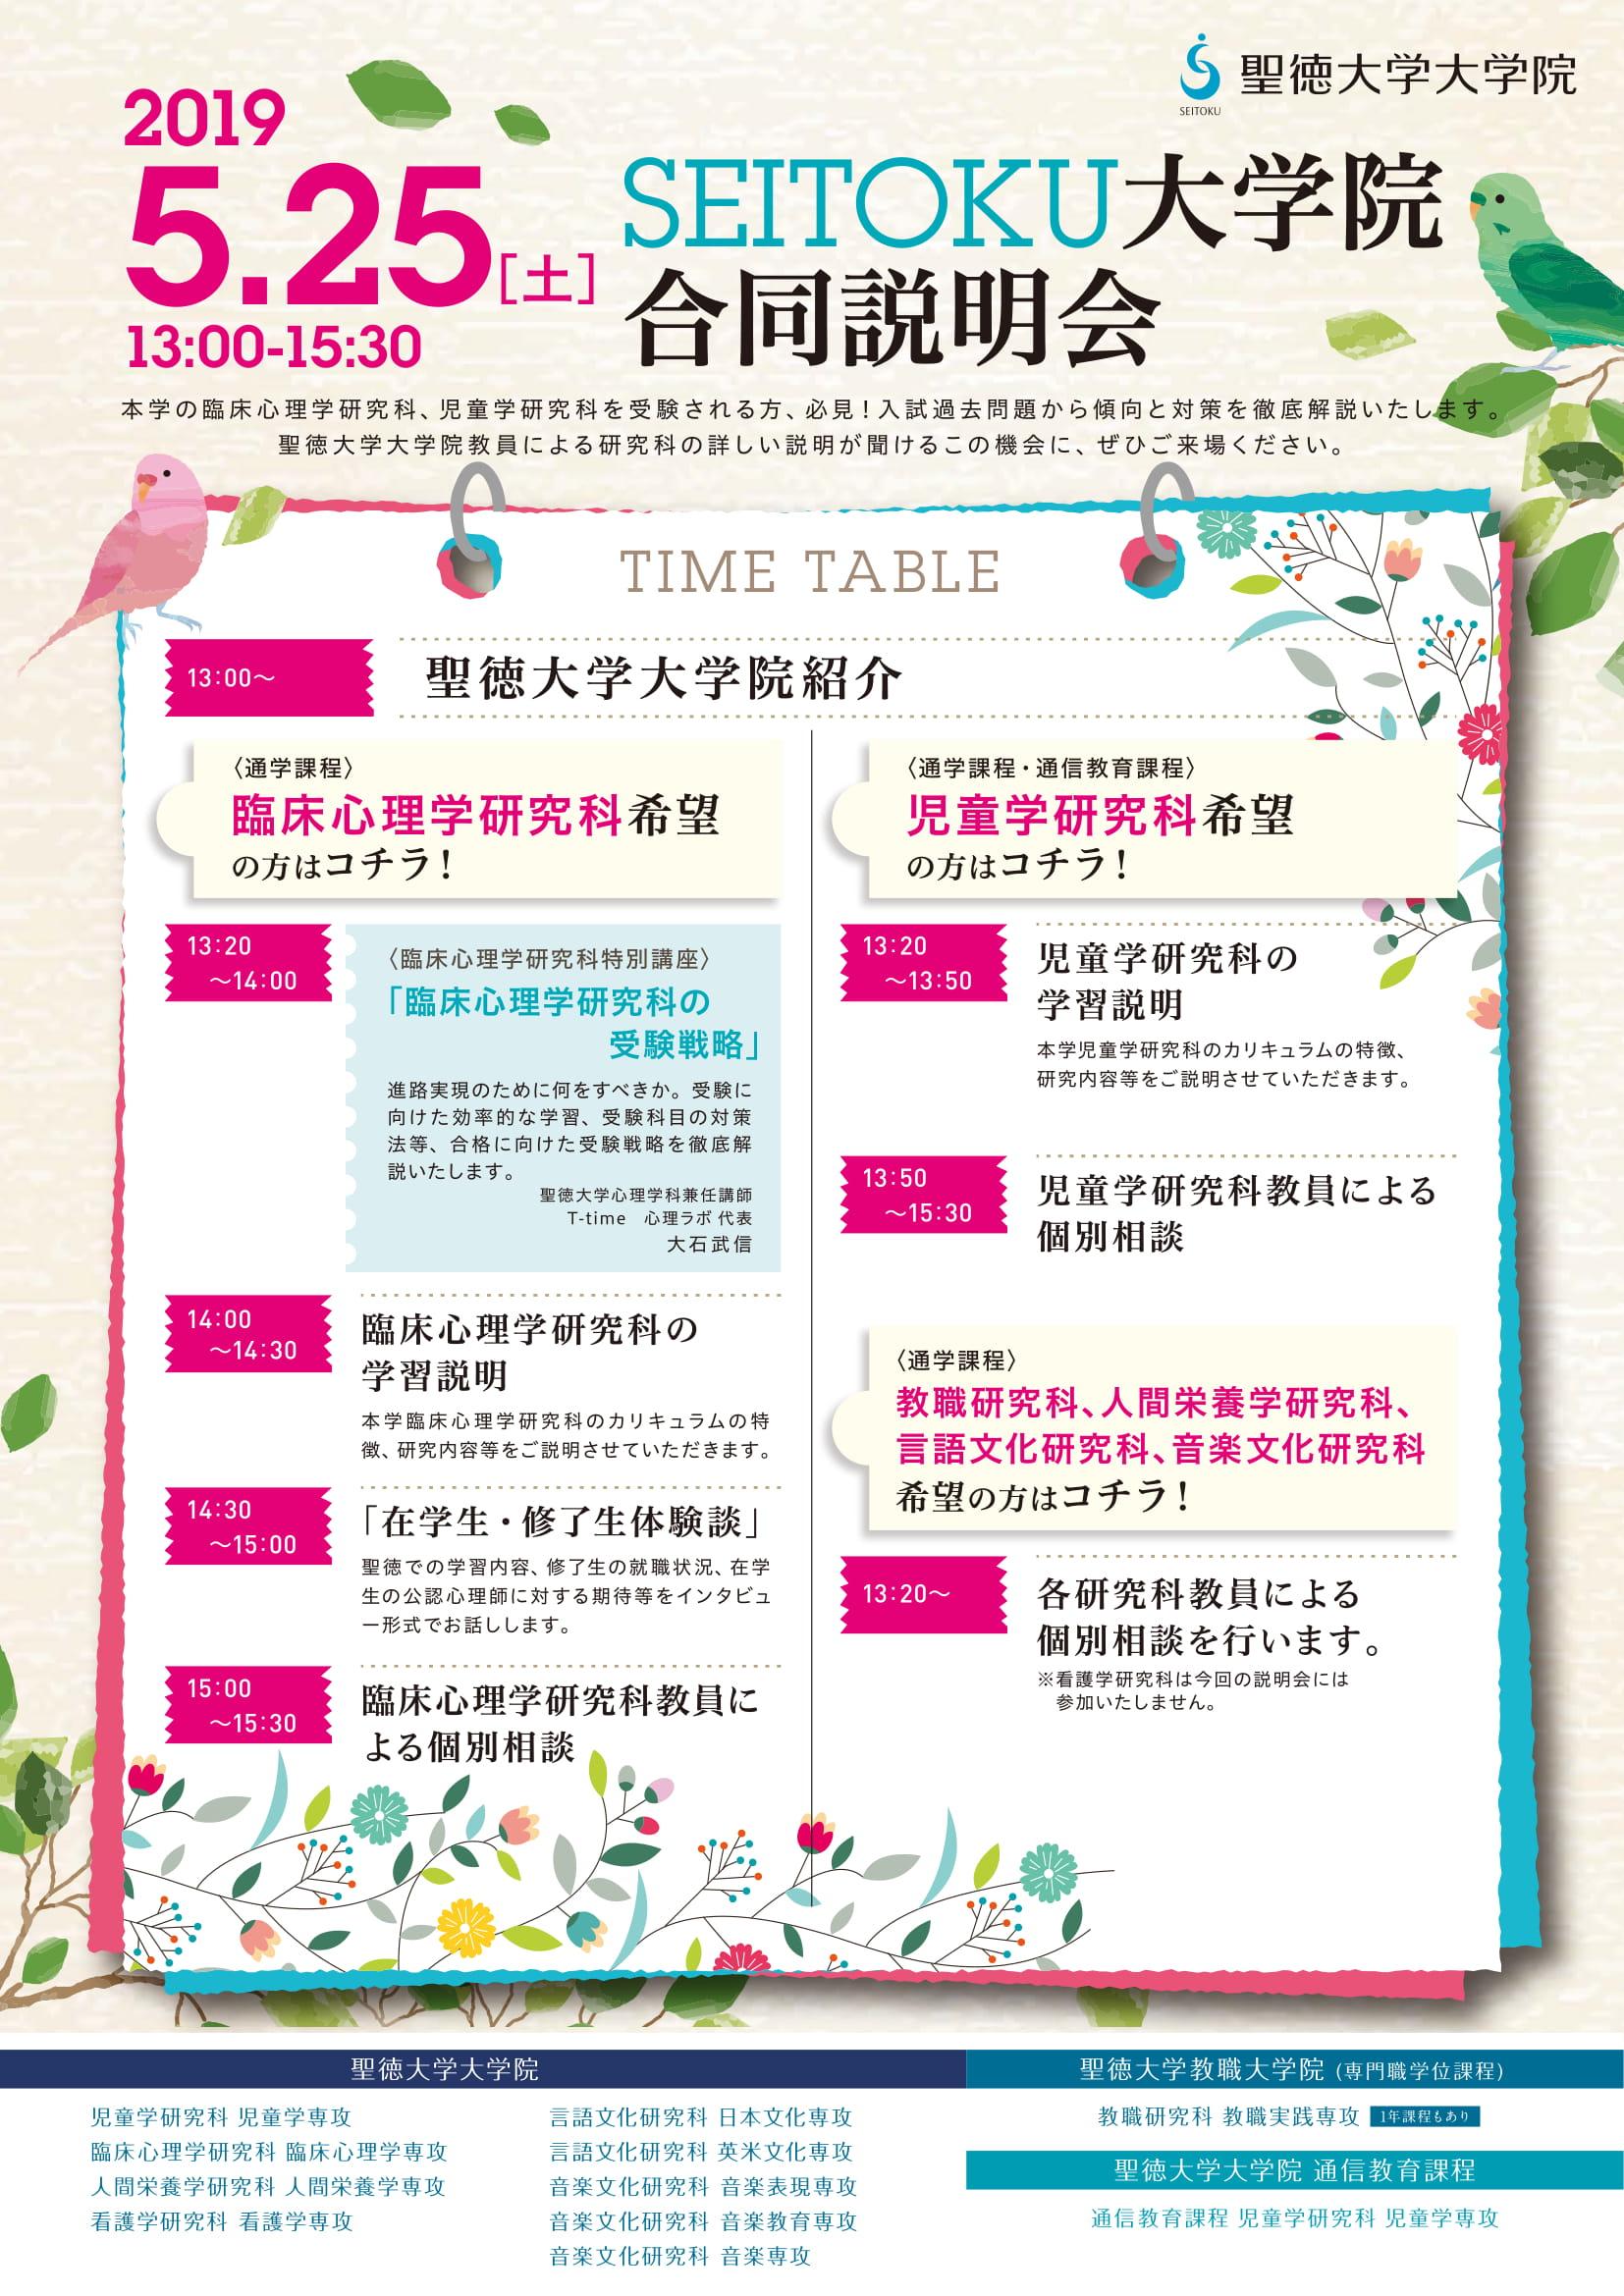 5月25日(土)、大学院説明会を開催します